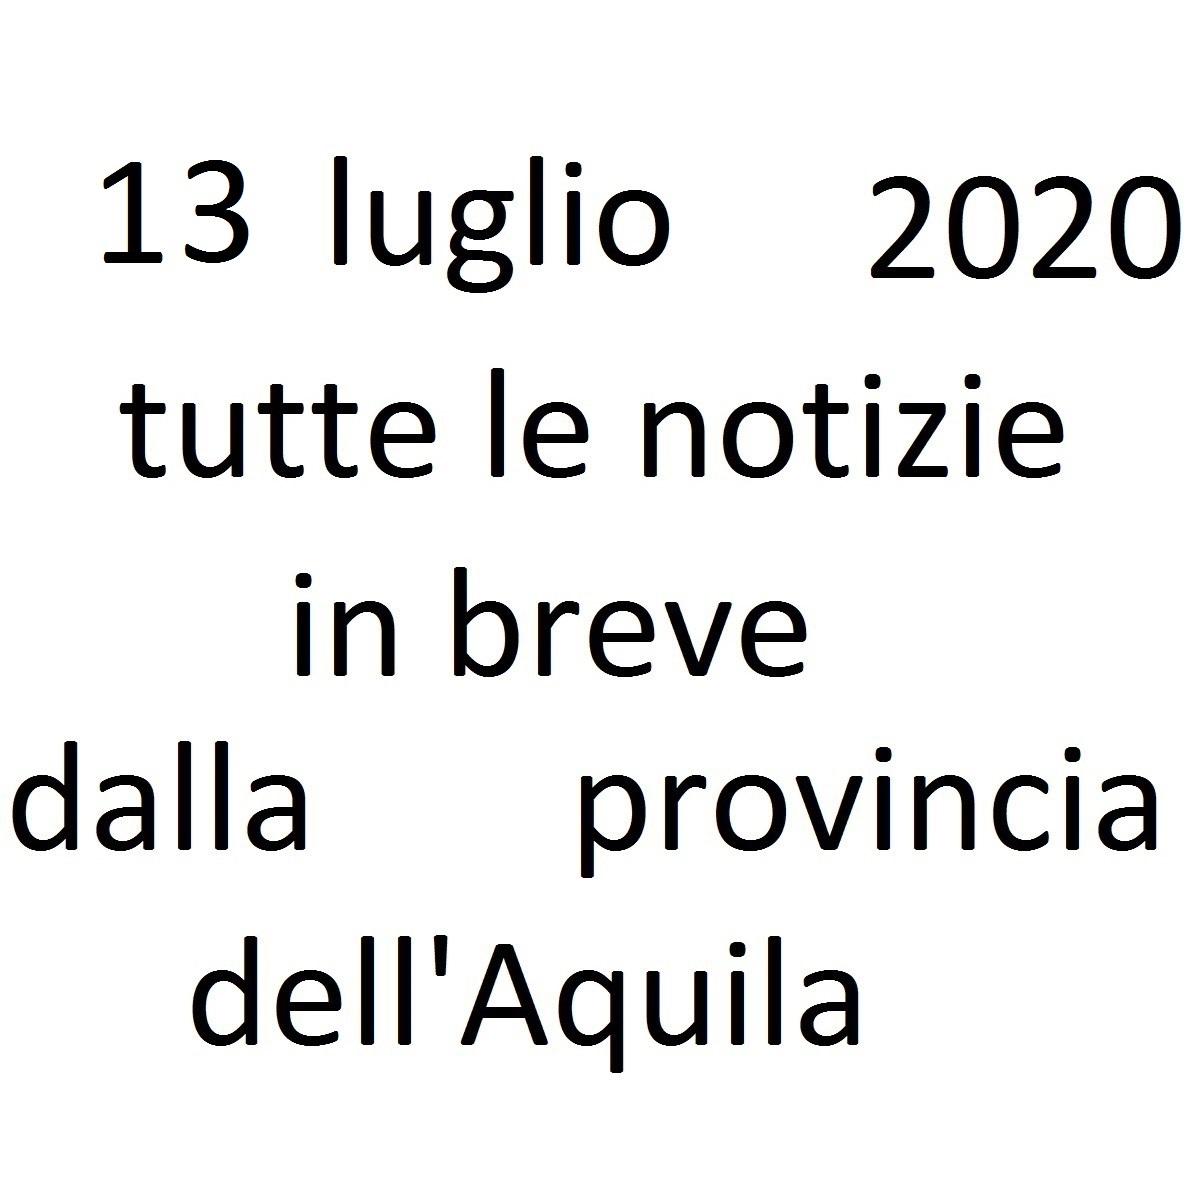 13 luglio 2020 notizie in breve dalla Provincia dell'Aquila foto